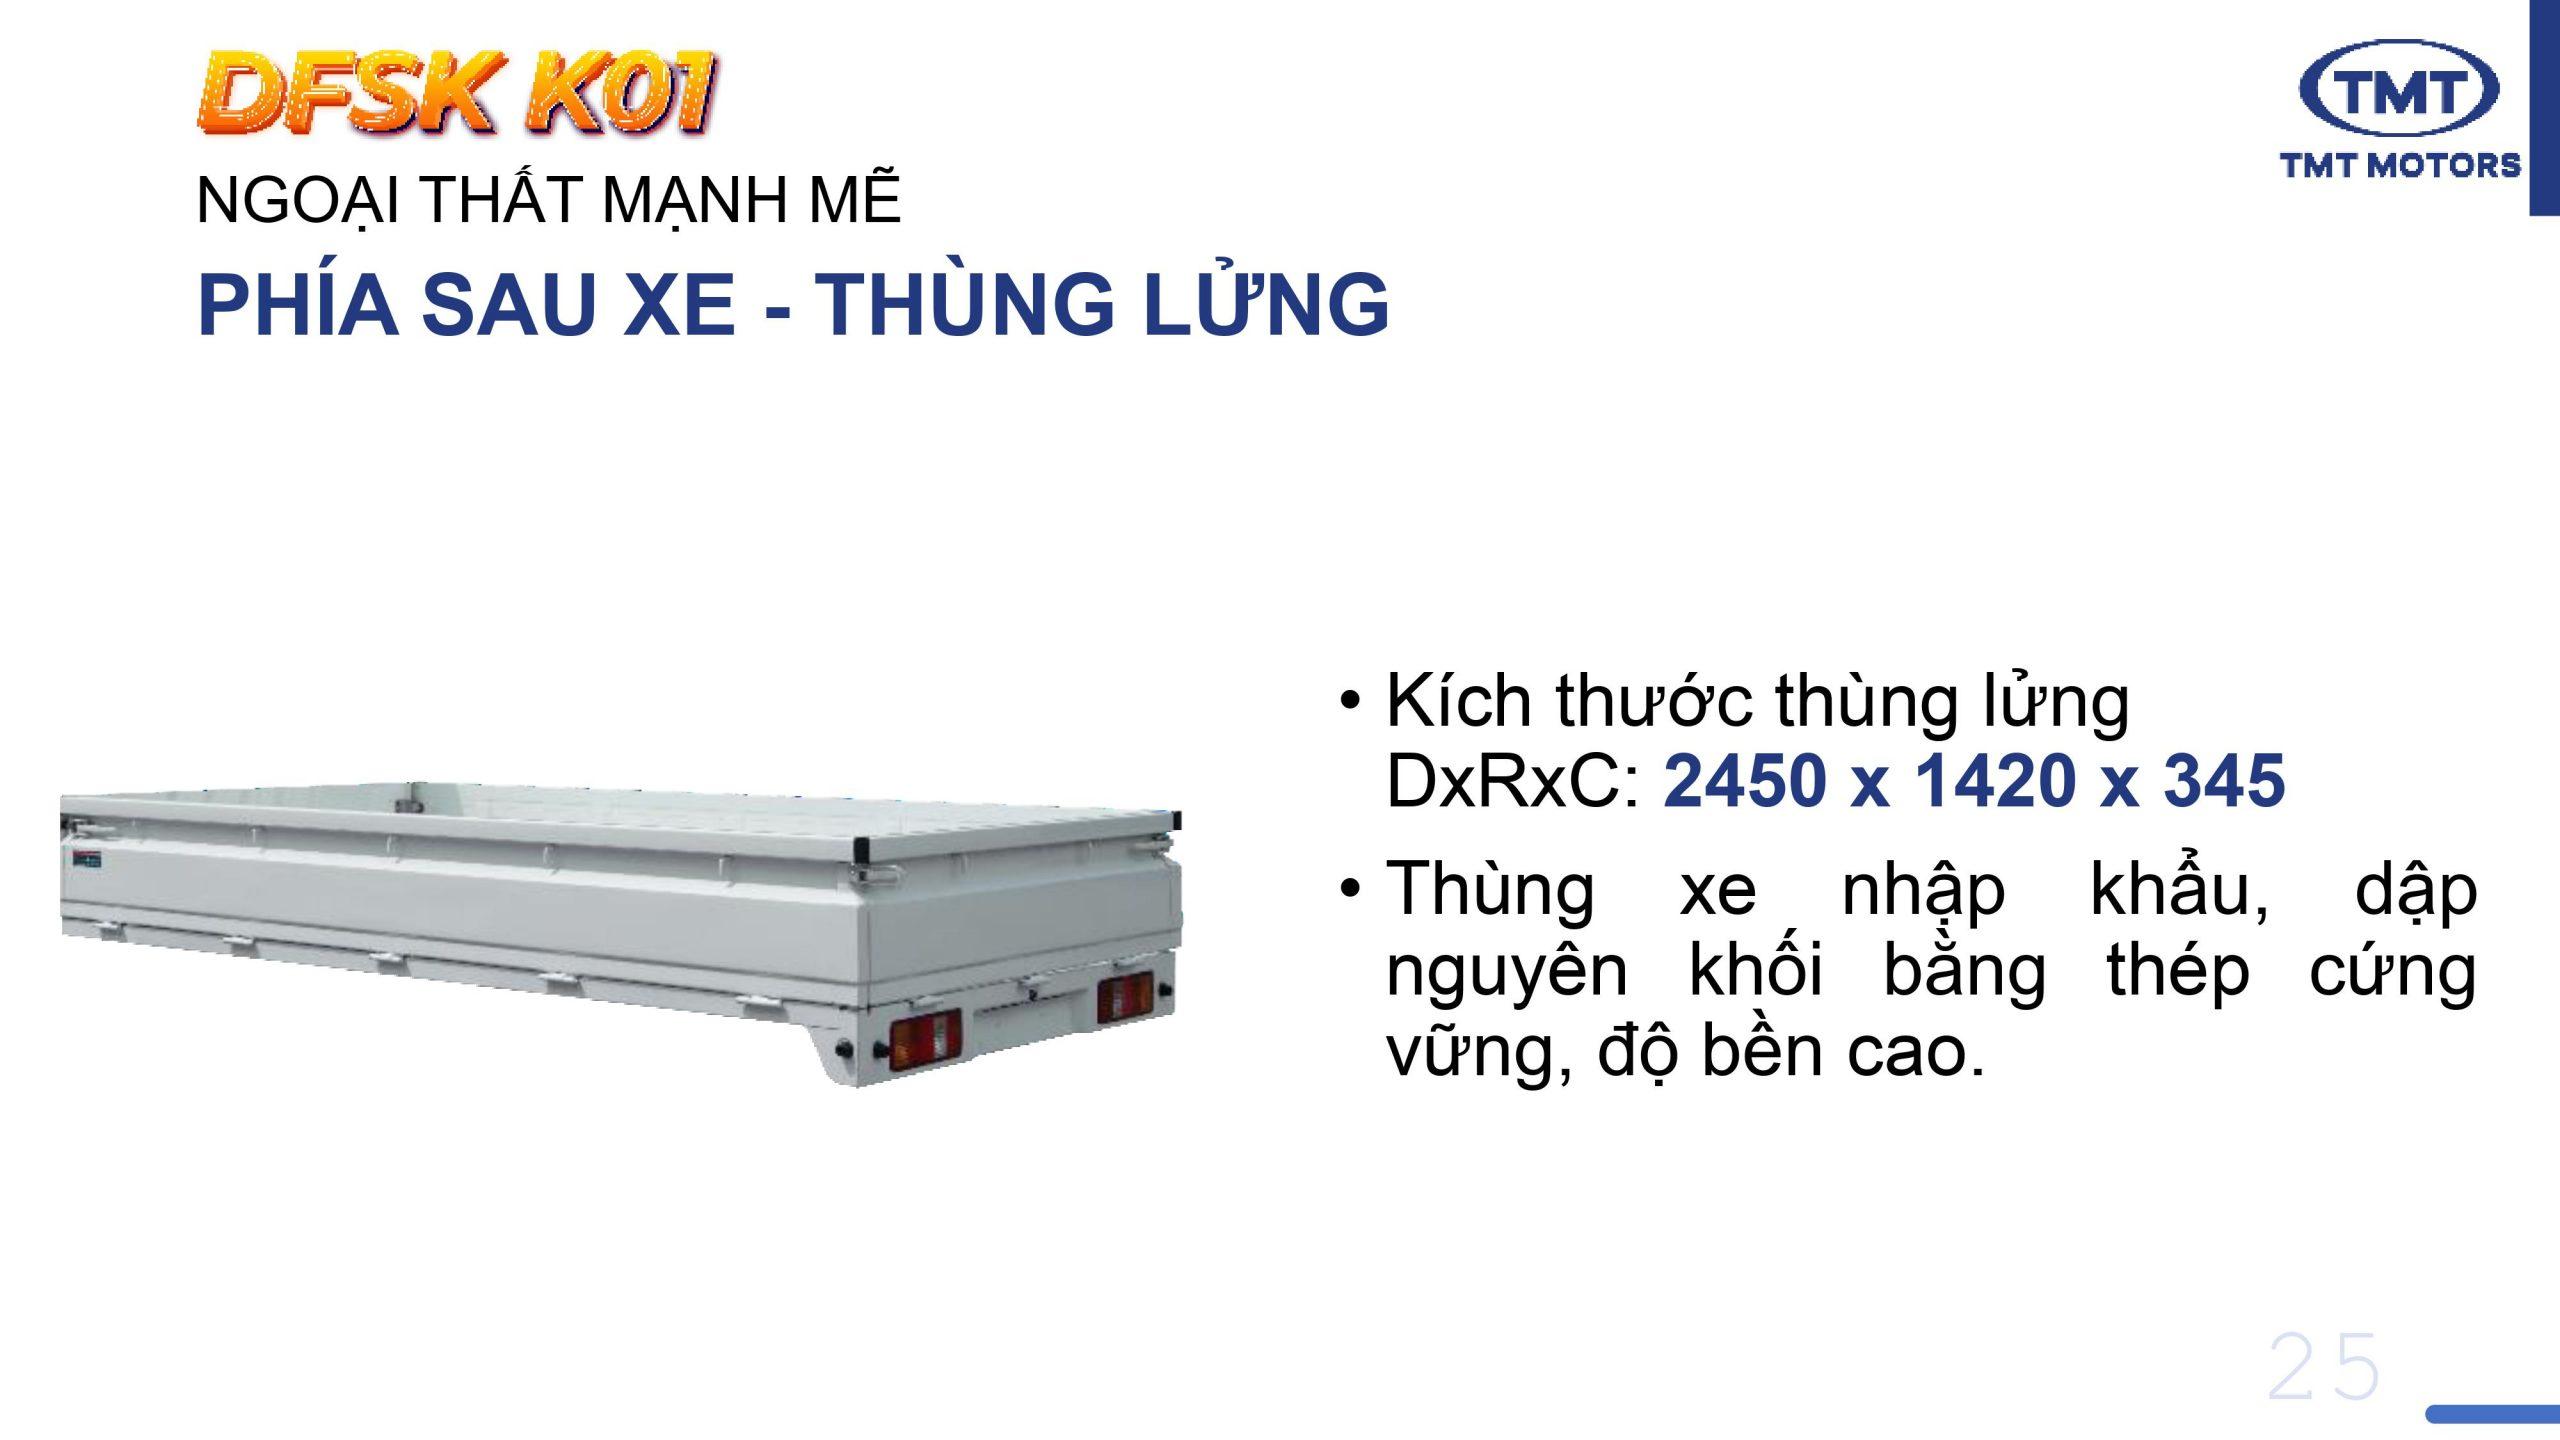 Kích thước thùng lửng TMT K01 DxRxC: 2450 x 1420 x 345 •Thùng xe nhập khẩu, dập nguyên khối bằng thép cứng vững, độ bền cao.